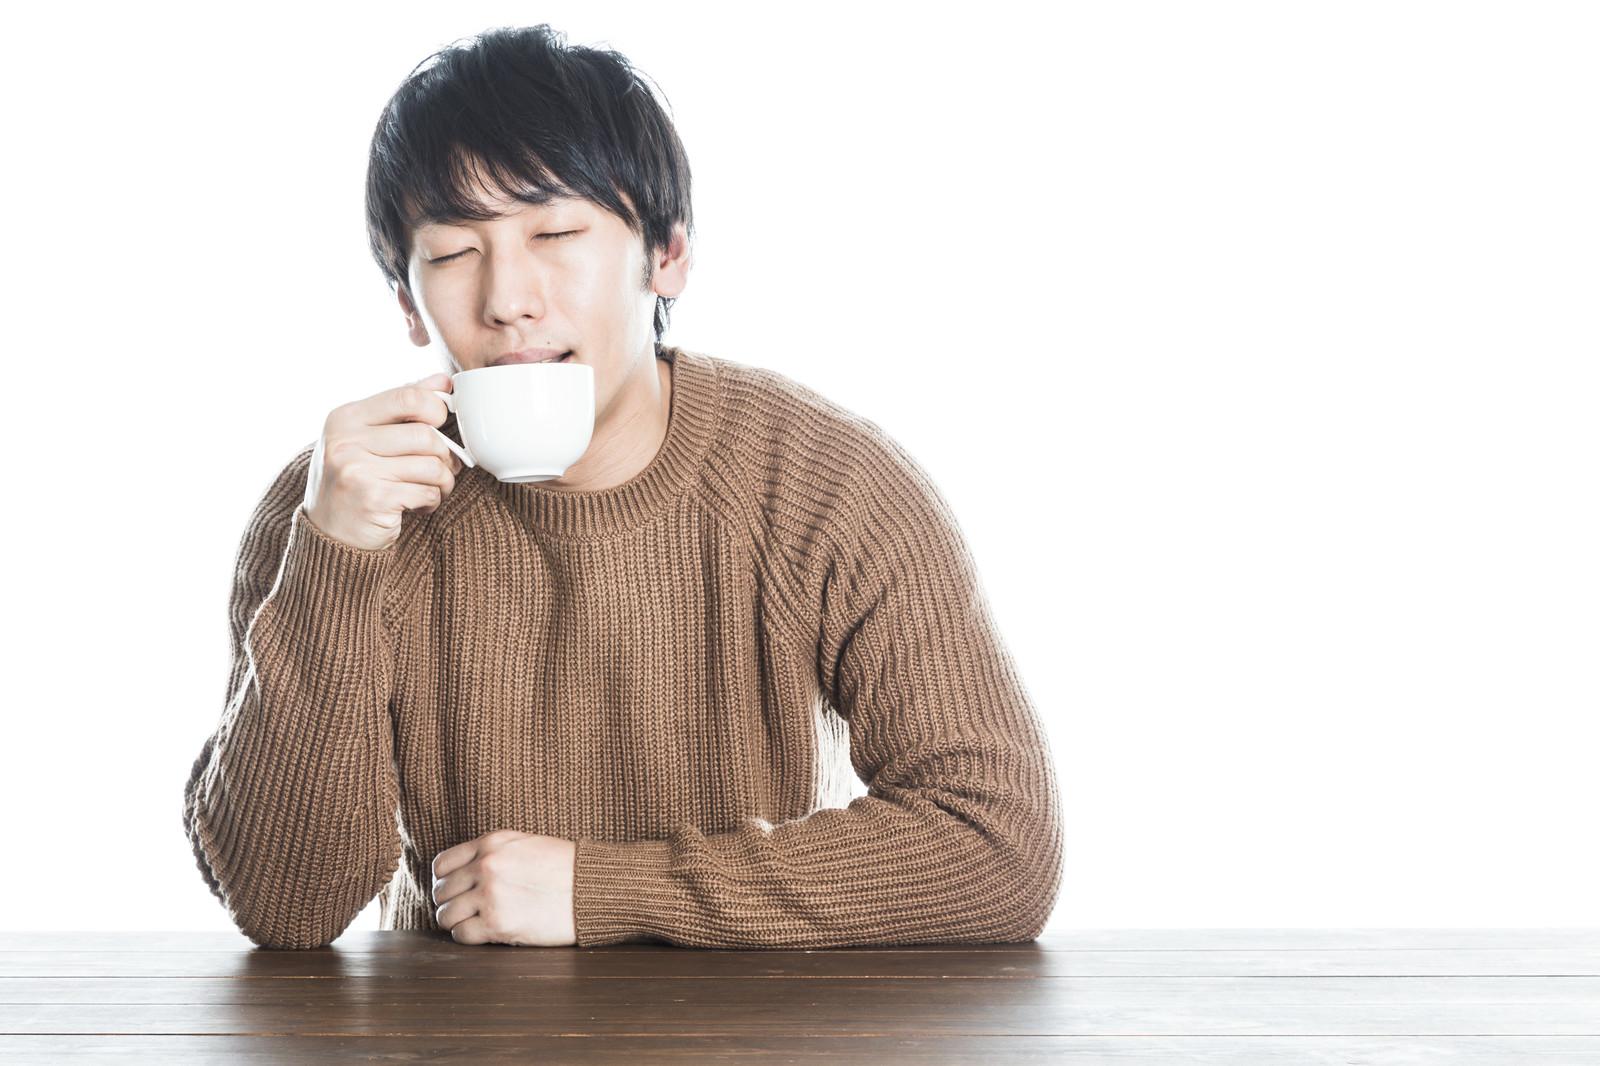 コーヒーの抽出方法の種類と味の関係とは?おすすめの方法とは?